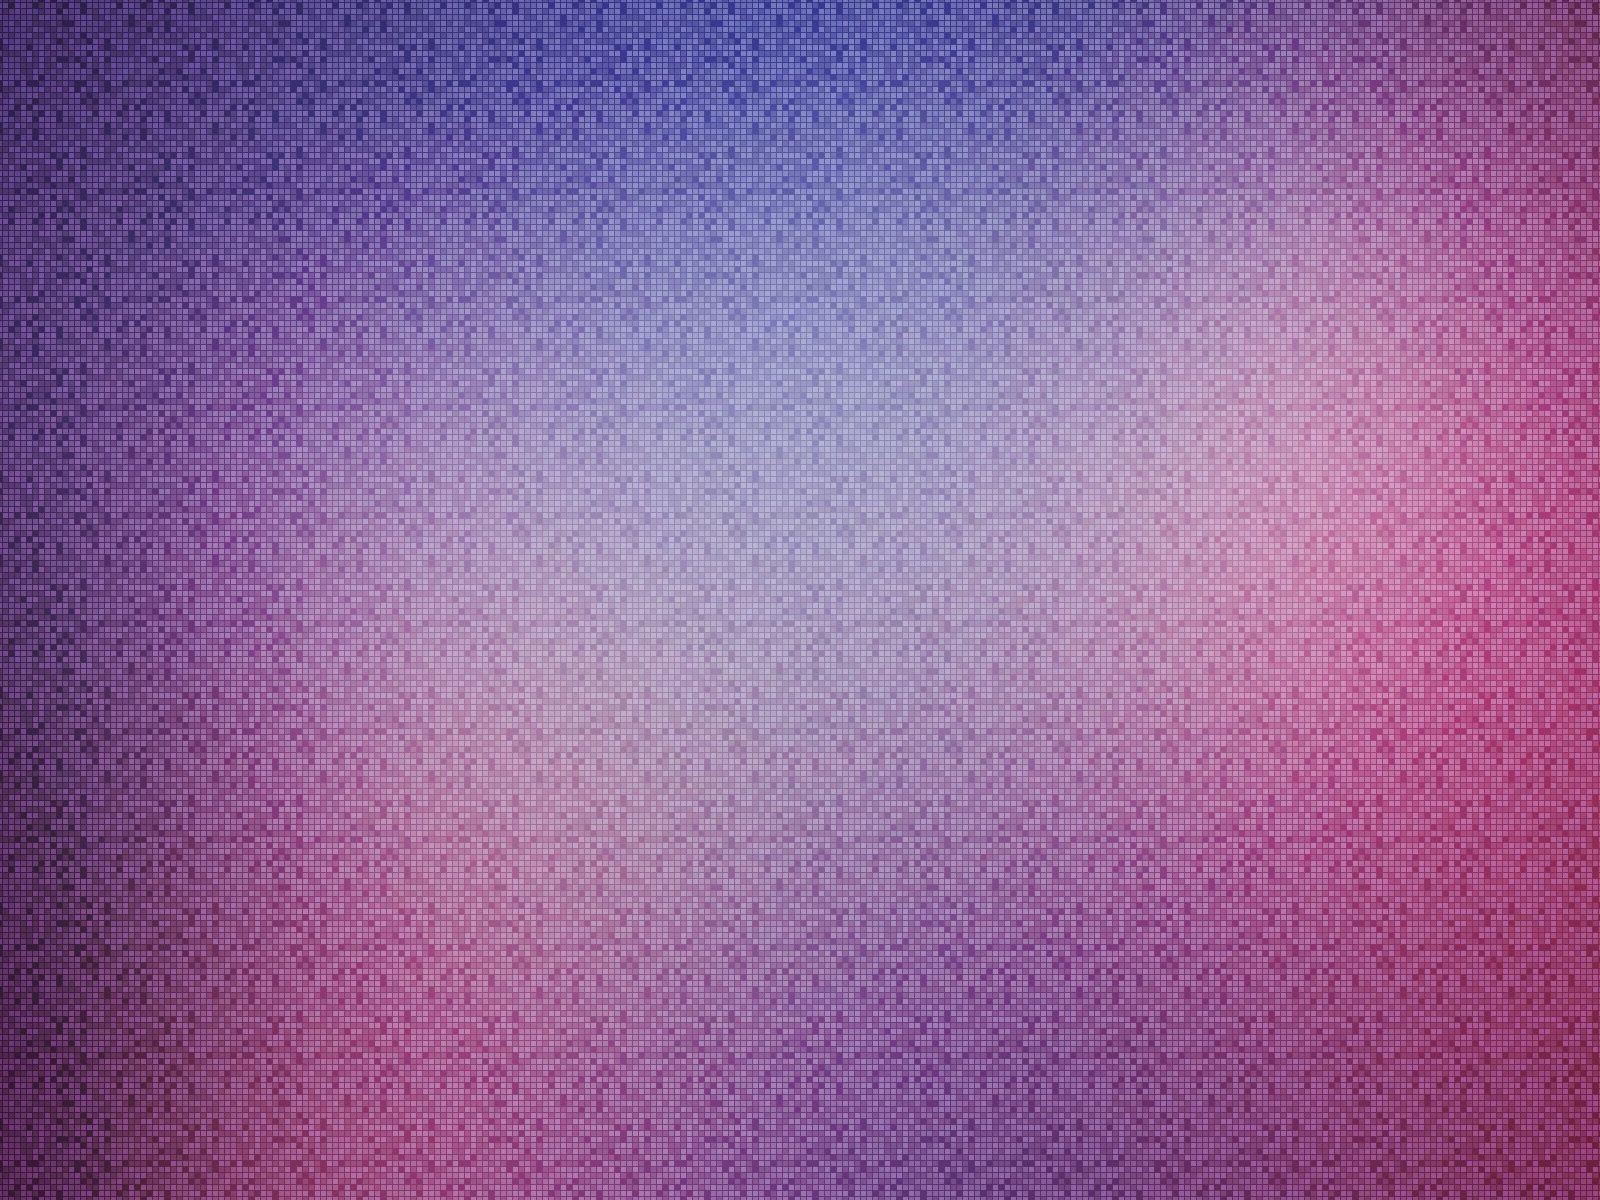 140257 скачать обои Абстракция, Фон, Пиксели, Тень, Узоры - заставки и картинки бесплатно